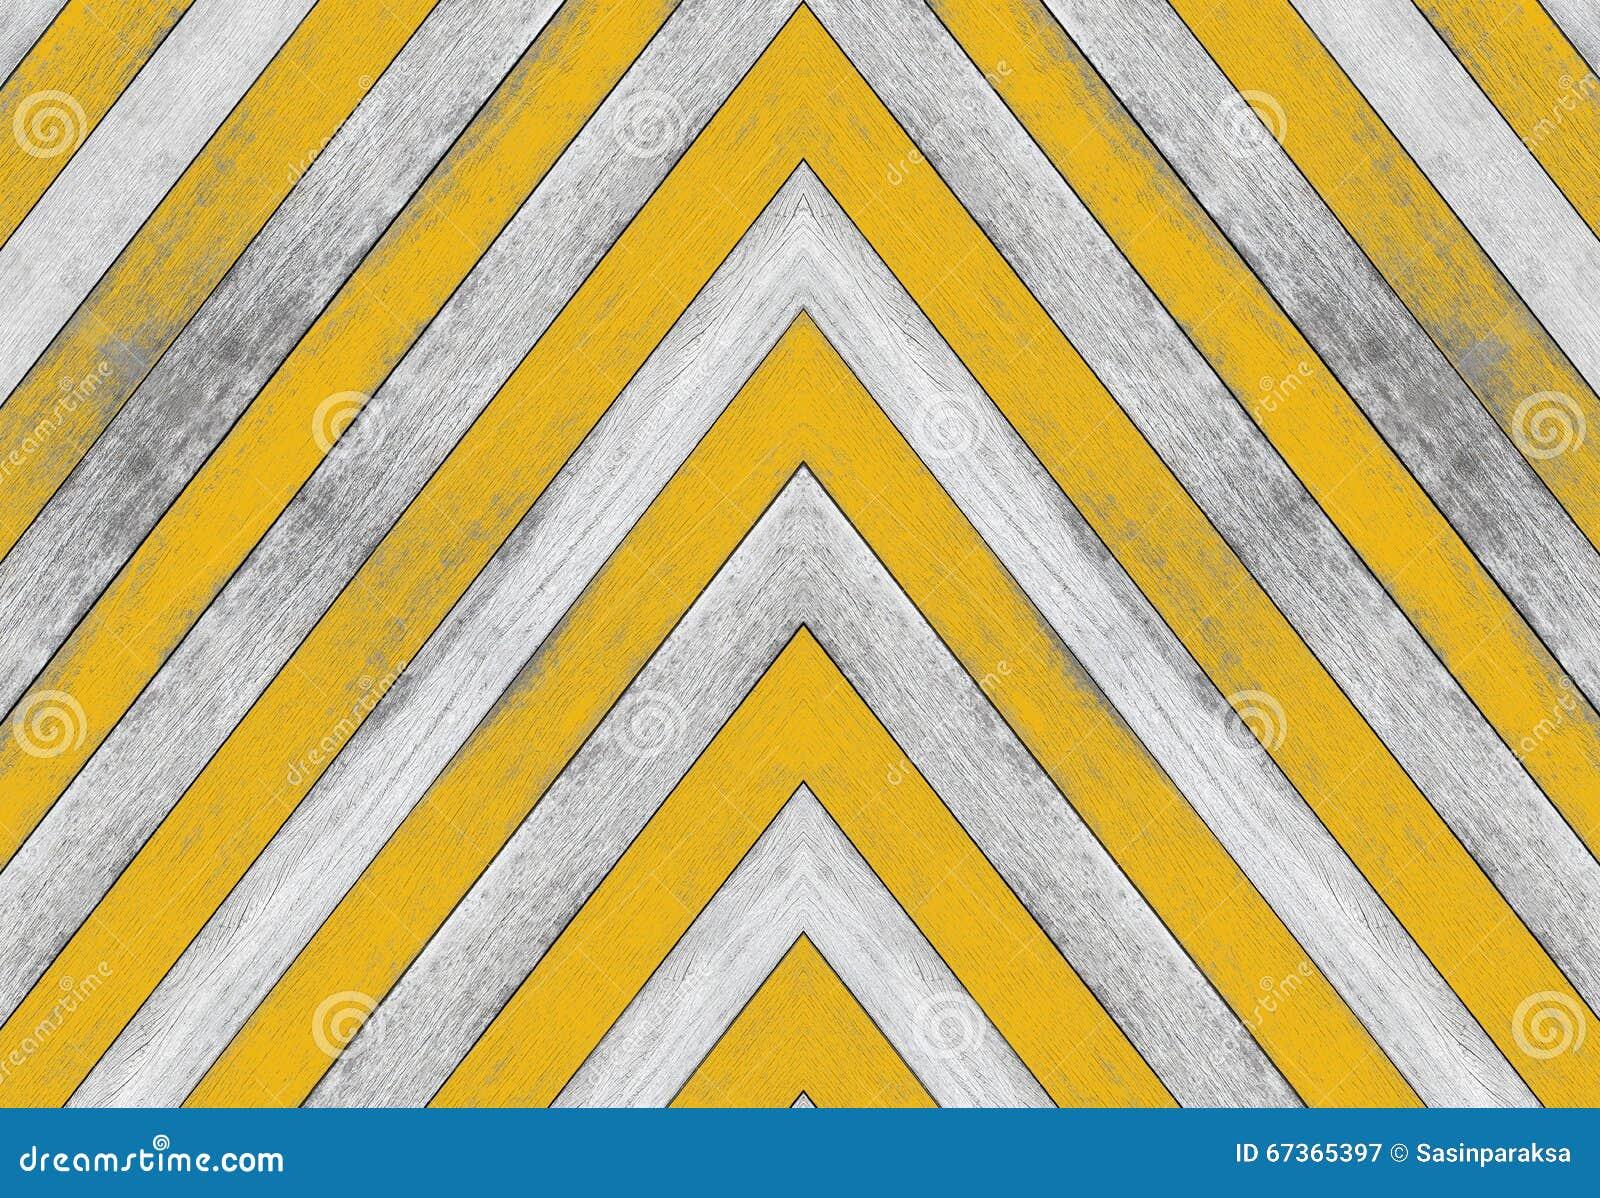 Spitzer Winkel Alte Weisse Und Gelbe Holzerne Beschaffenheit Stock